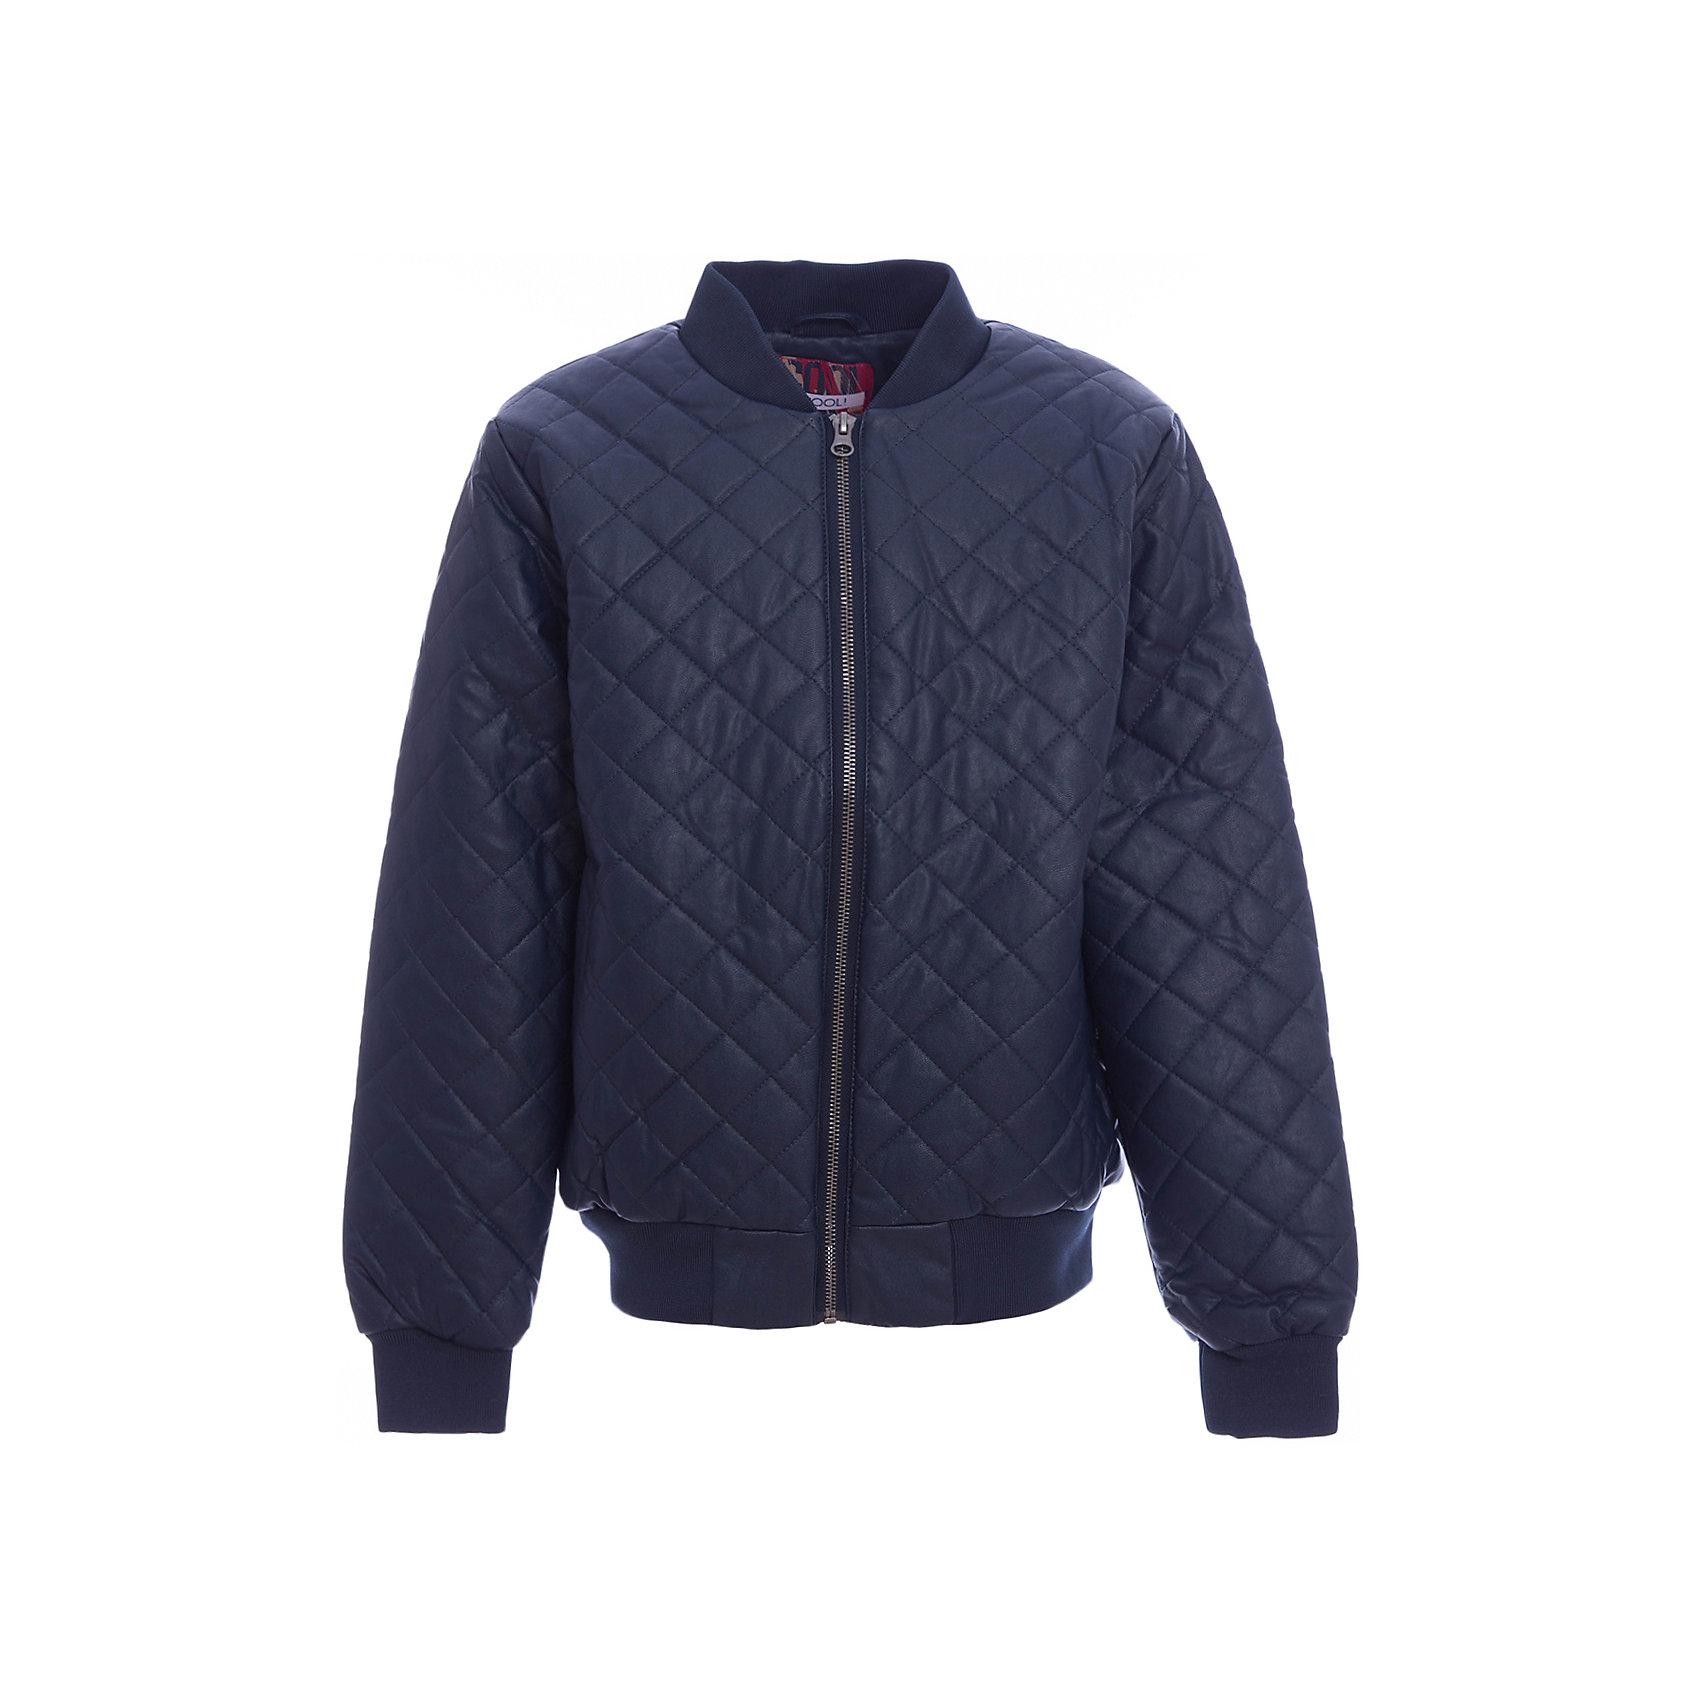 Куртка для мальчика ScoolКуртка для мальчика Scool<br>Практичная стильная стеганая куртка со специальной водоотталкивающей пропиткой  - прекрасное решение для прохладной погоды. Мягкие трикотажные резинки на рукавах защитят Вашего ребенка - ветер не сможет проникнуть под куртку.  Светоотражатель по низу изделия позволит видеть Вашего ребенка в темное время сутокПреимущества: Водоооталкивающая пропиткаСветооражатель<br>Состав:<br>Верх: 40% полиуретан, 60% вискоза, подкладка: 100% полиэстер, наполнитель - 100% полиэстер, 120 г/м2<br><br>Ширина мм: 356<br>Глубина мм: 10<br>Высота мм: 245<br>Вес г: 519<br>Цвет: полуночно-синий<br>Возраст от месяцев: 156<br>Возраст до месяцев: 168<br>Пол: Мужской<br>Возраст: Детский<br>Размер: 164,134,140,146,152,158<br>SKU: 5406515